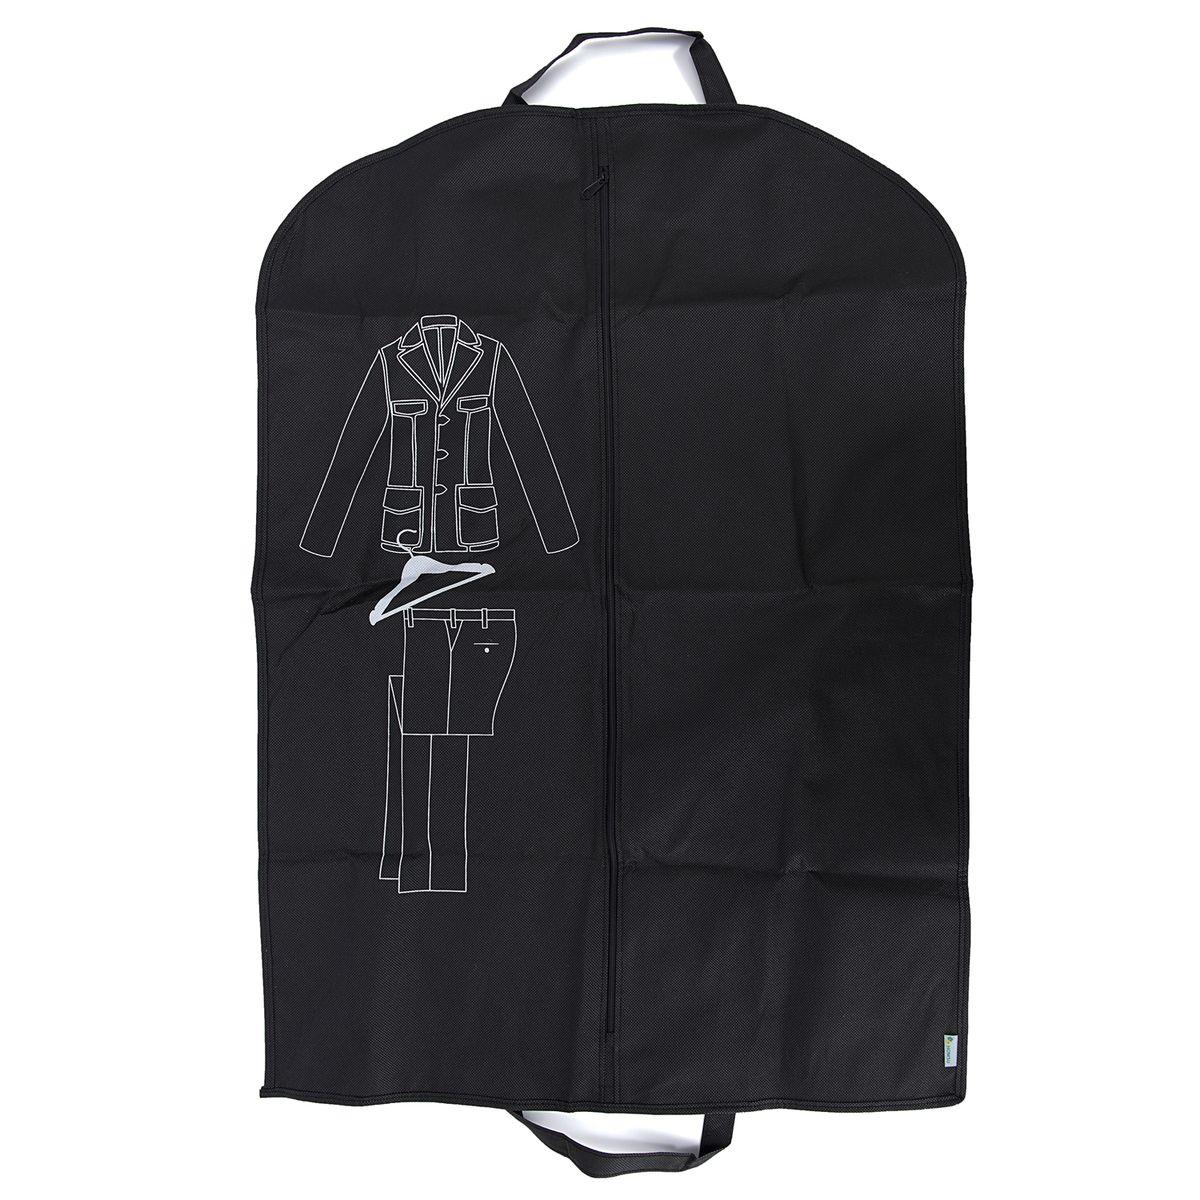 Чехол для костюма Homsu Men in Black, 90 х 60 смRG-D31SУдобный чехол для хранения и перевозки одежды. Изготовлен из высококачественного материала, поможет полноценно сберечь вашу одежду, как в домашнем хранении, так и во время транспортировки. Размер изделия:90x60см.